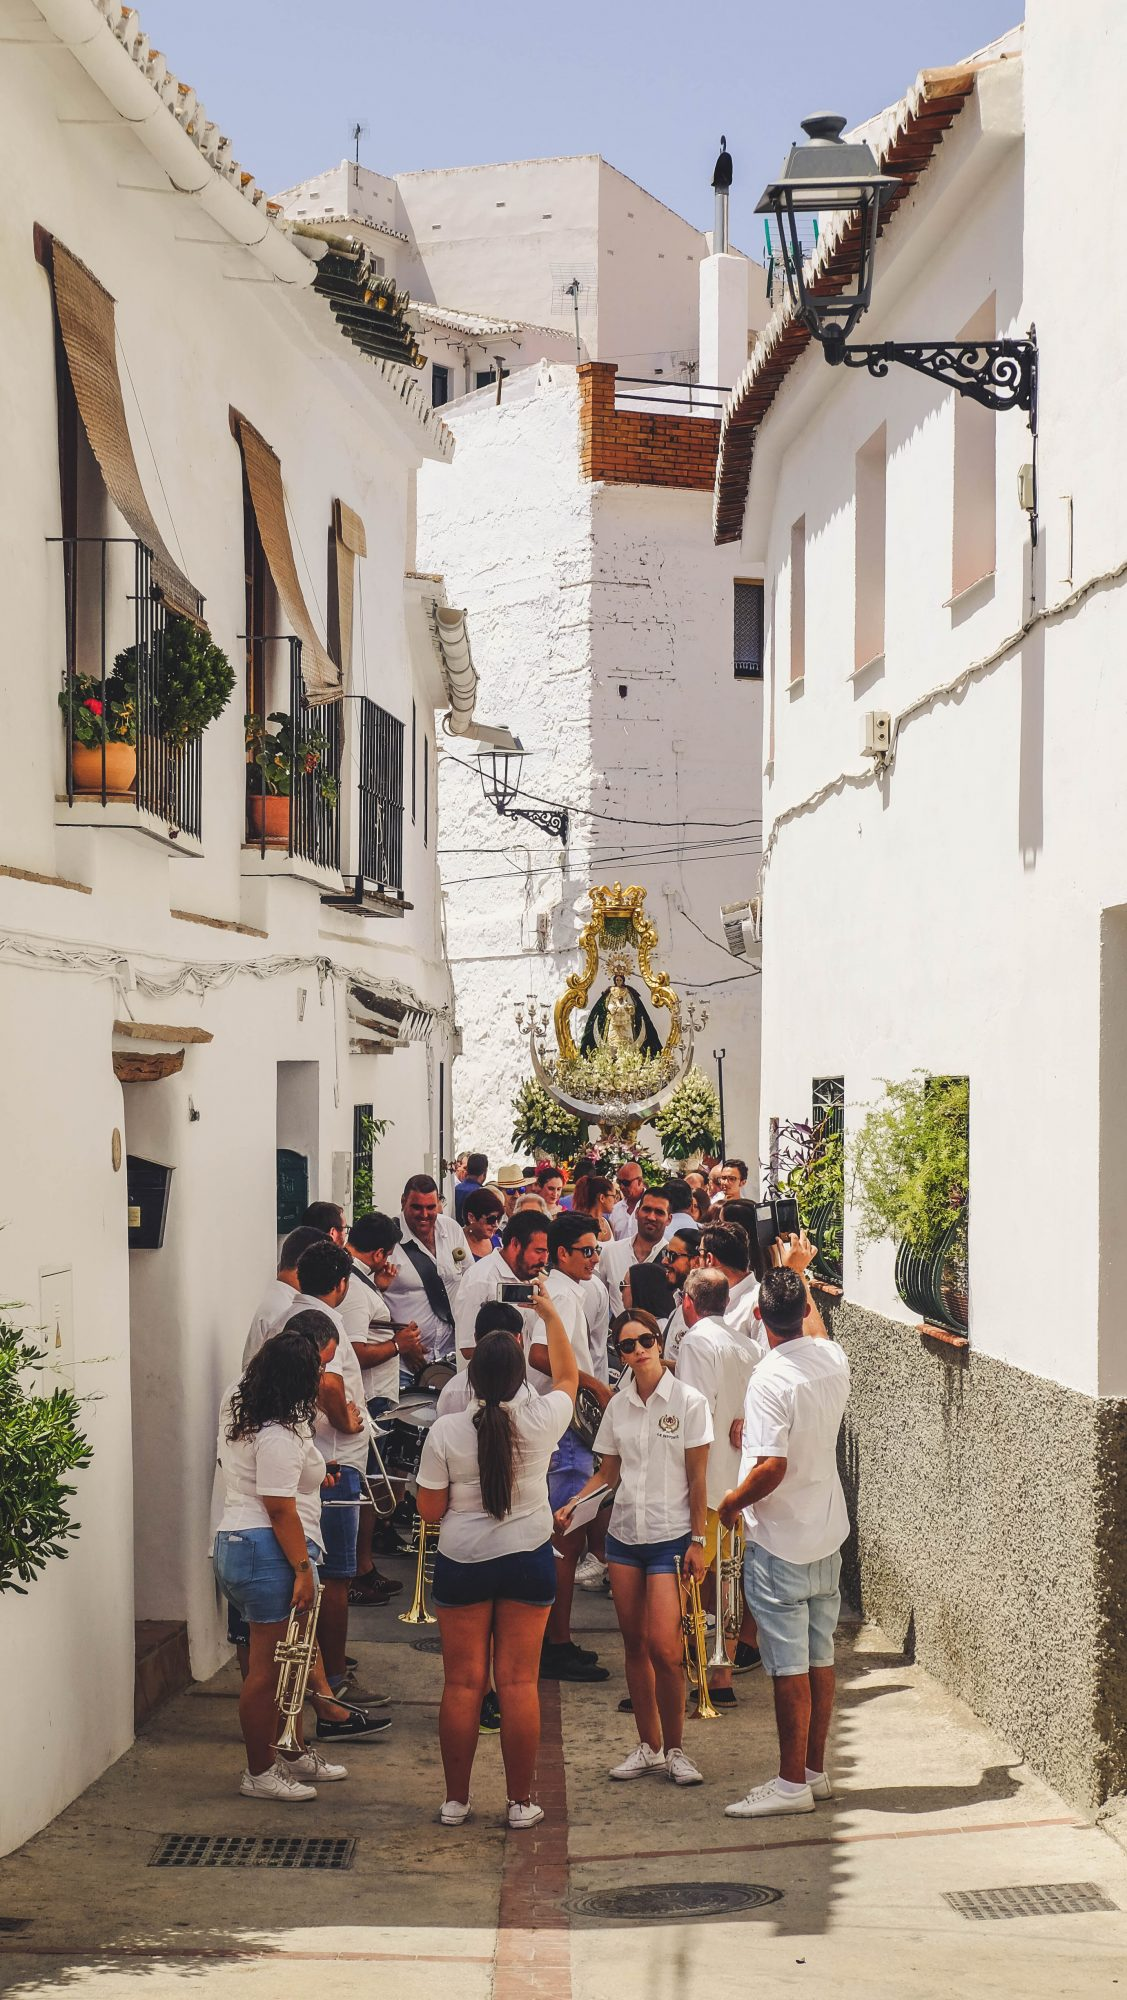 Le village de Sedella - Sedella, Espagne